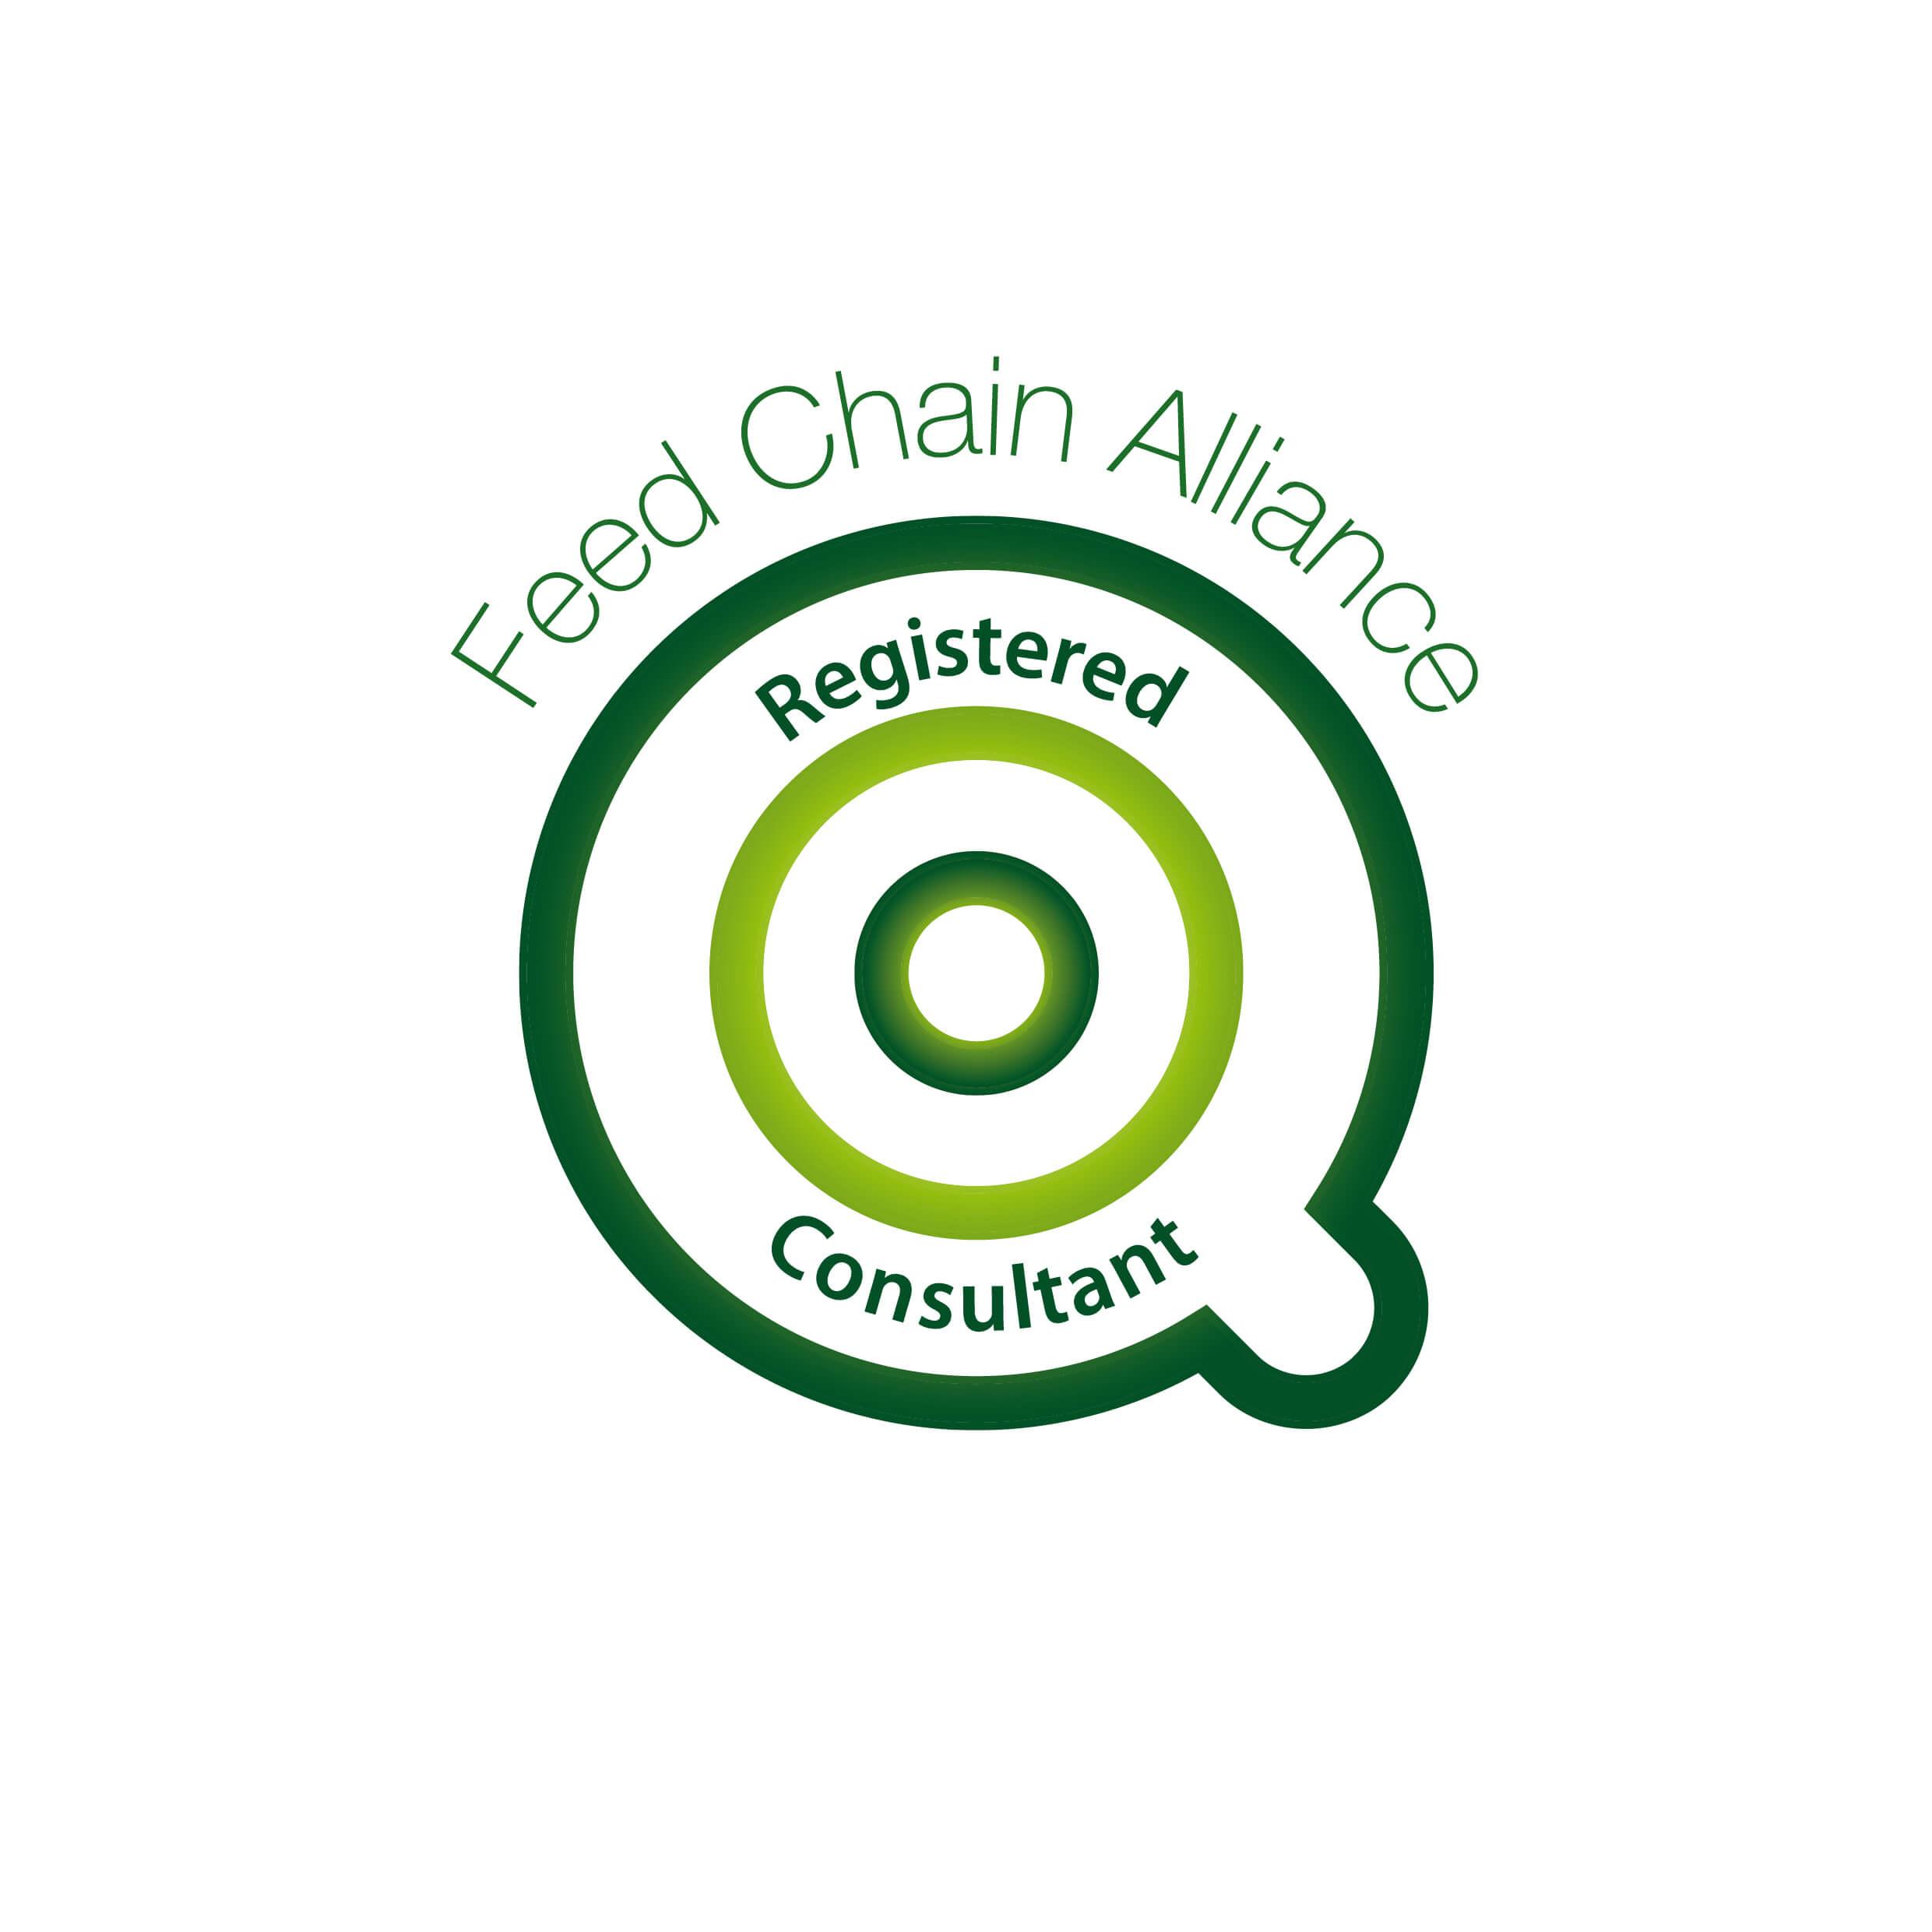 ALL4FEED Bretagne Dinan - Nutrition Animale - Logo de la norme FCA